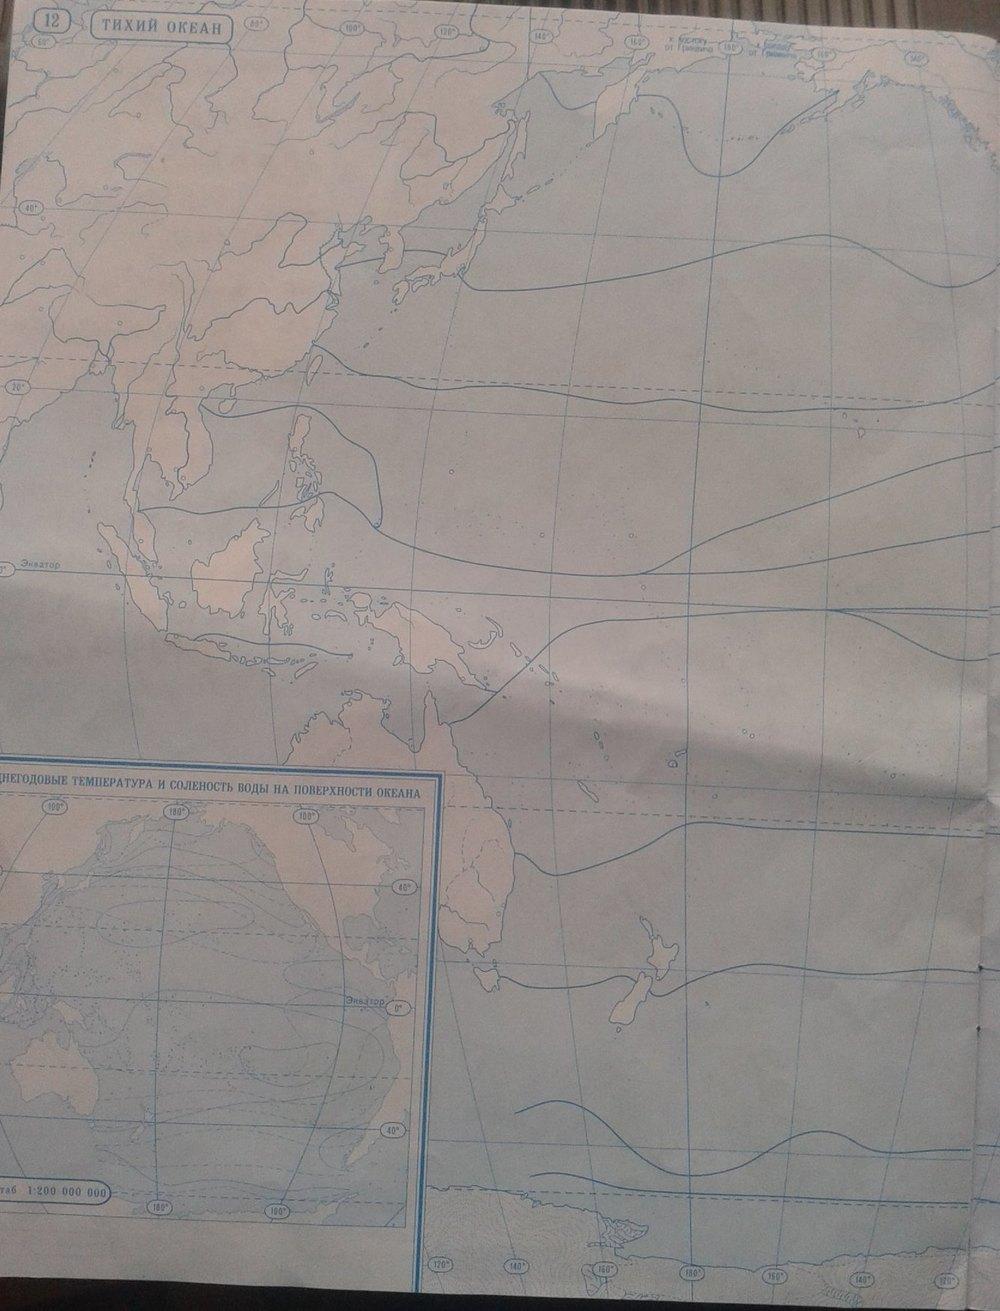 гдз 7 класс атлас география материков и океанов 7 класс